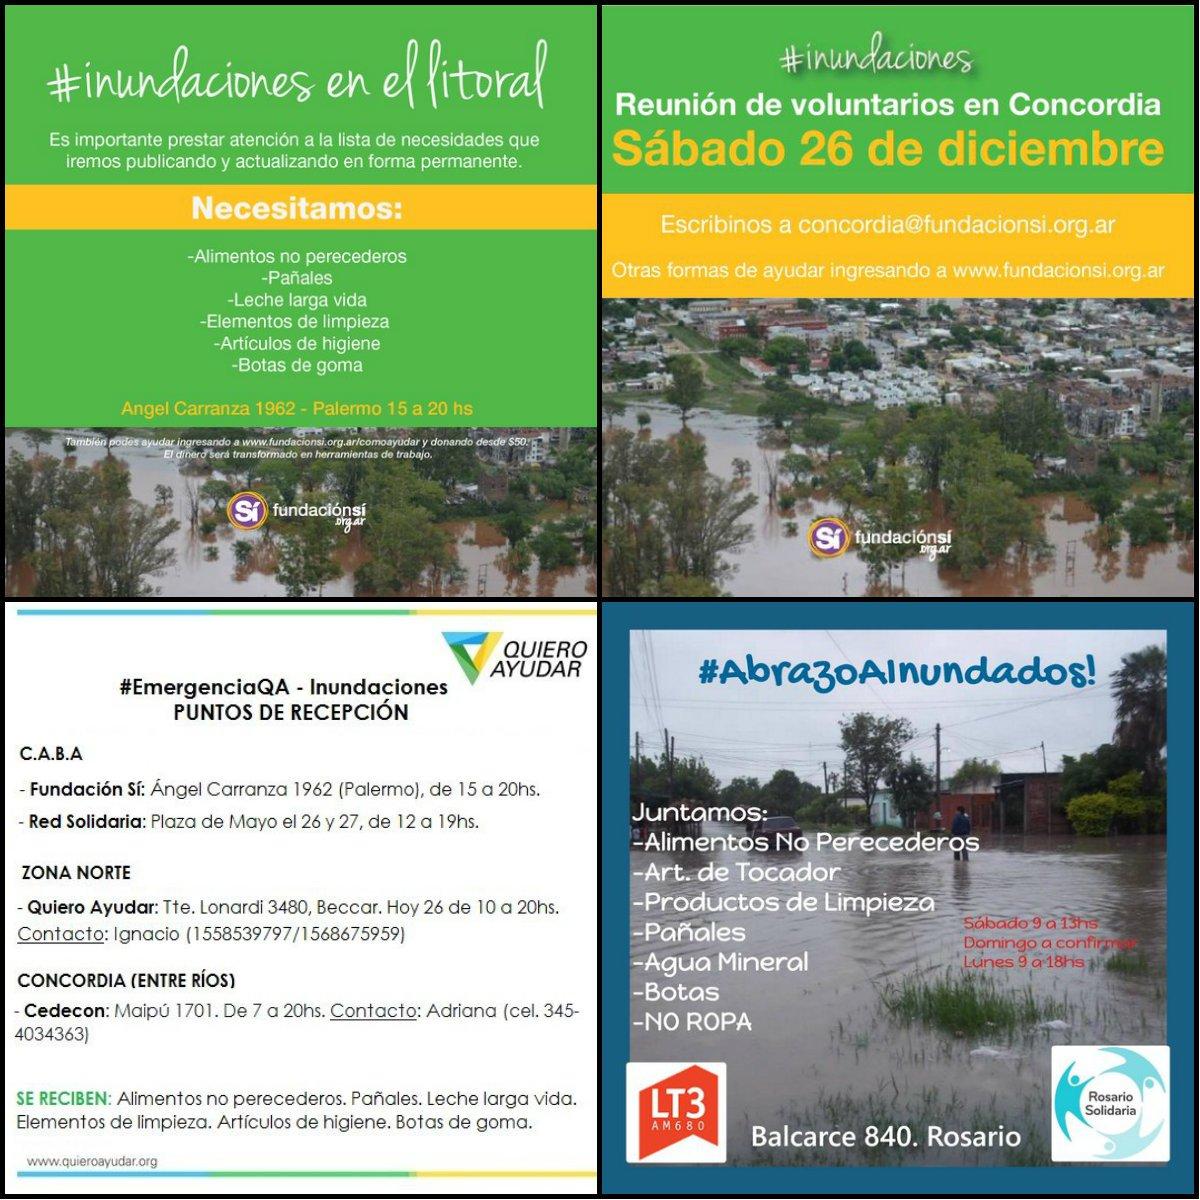 #InundacionesLitoral Reciben donaciones: alimentos, leche, pañales, agua, artículos de limpieza. https://t.co/jL4nhMvIix